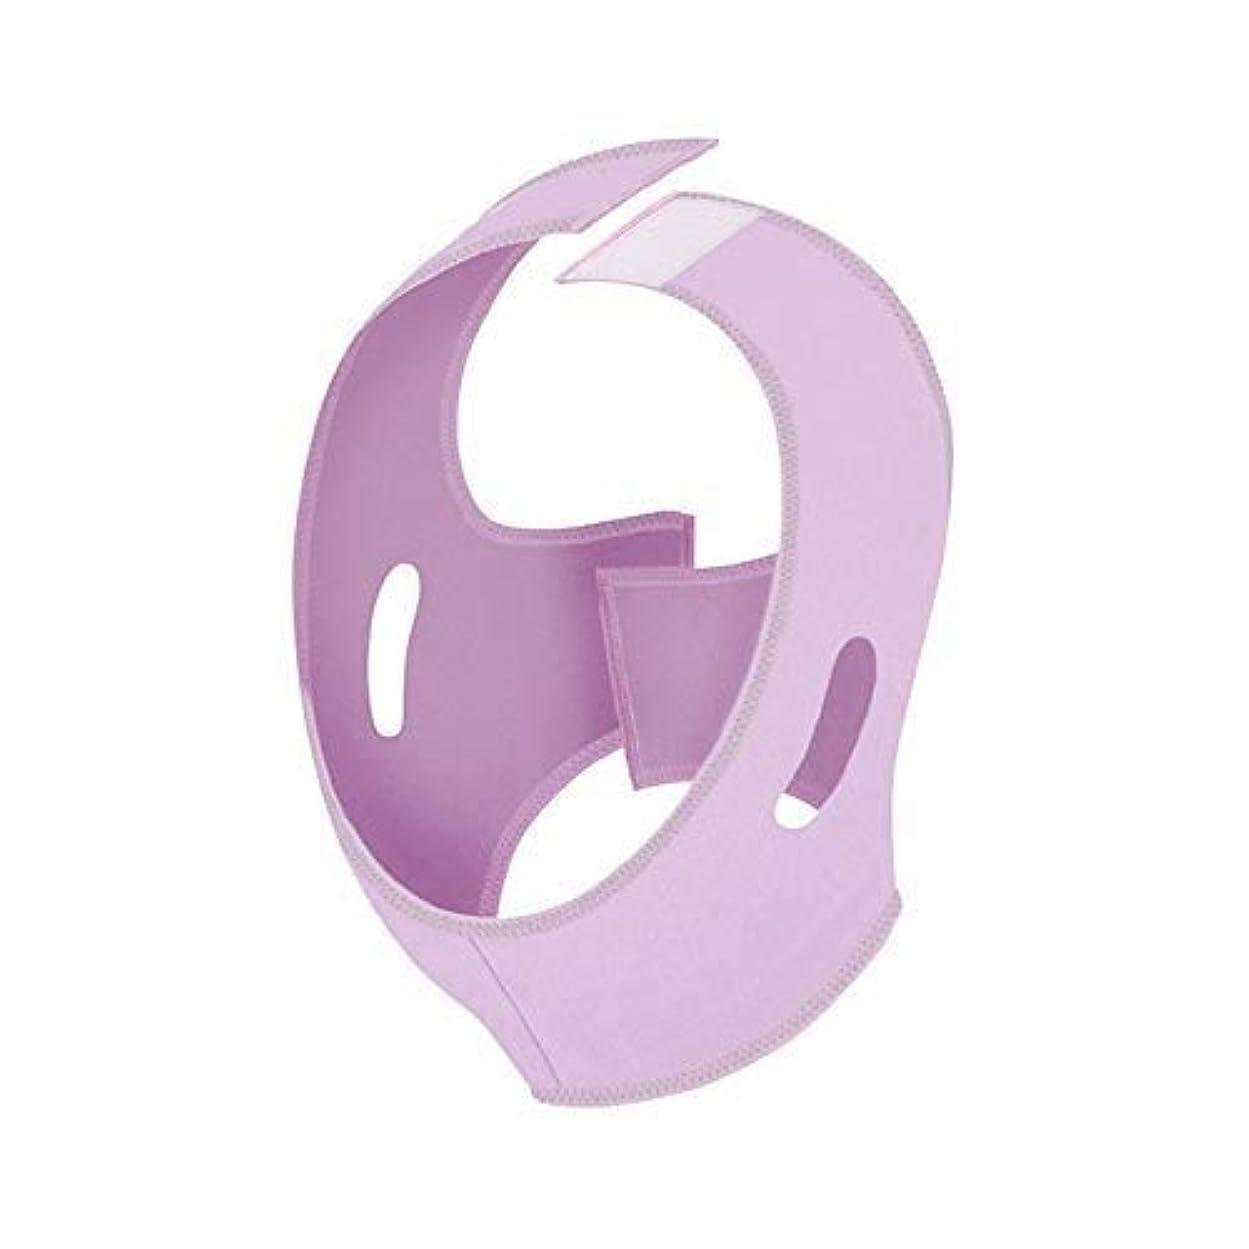 まあうぬぼれたパブフェイシャルマスク、リフティングアーティファクトフェイスマスク垂れ下がった小さなVフェイスバンデージ付きの顔 スリーピングフェイスダブルチンチンセットスリープエラスティックスリミングベルト